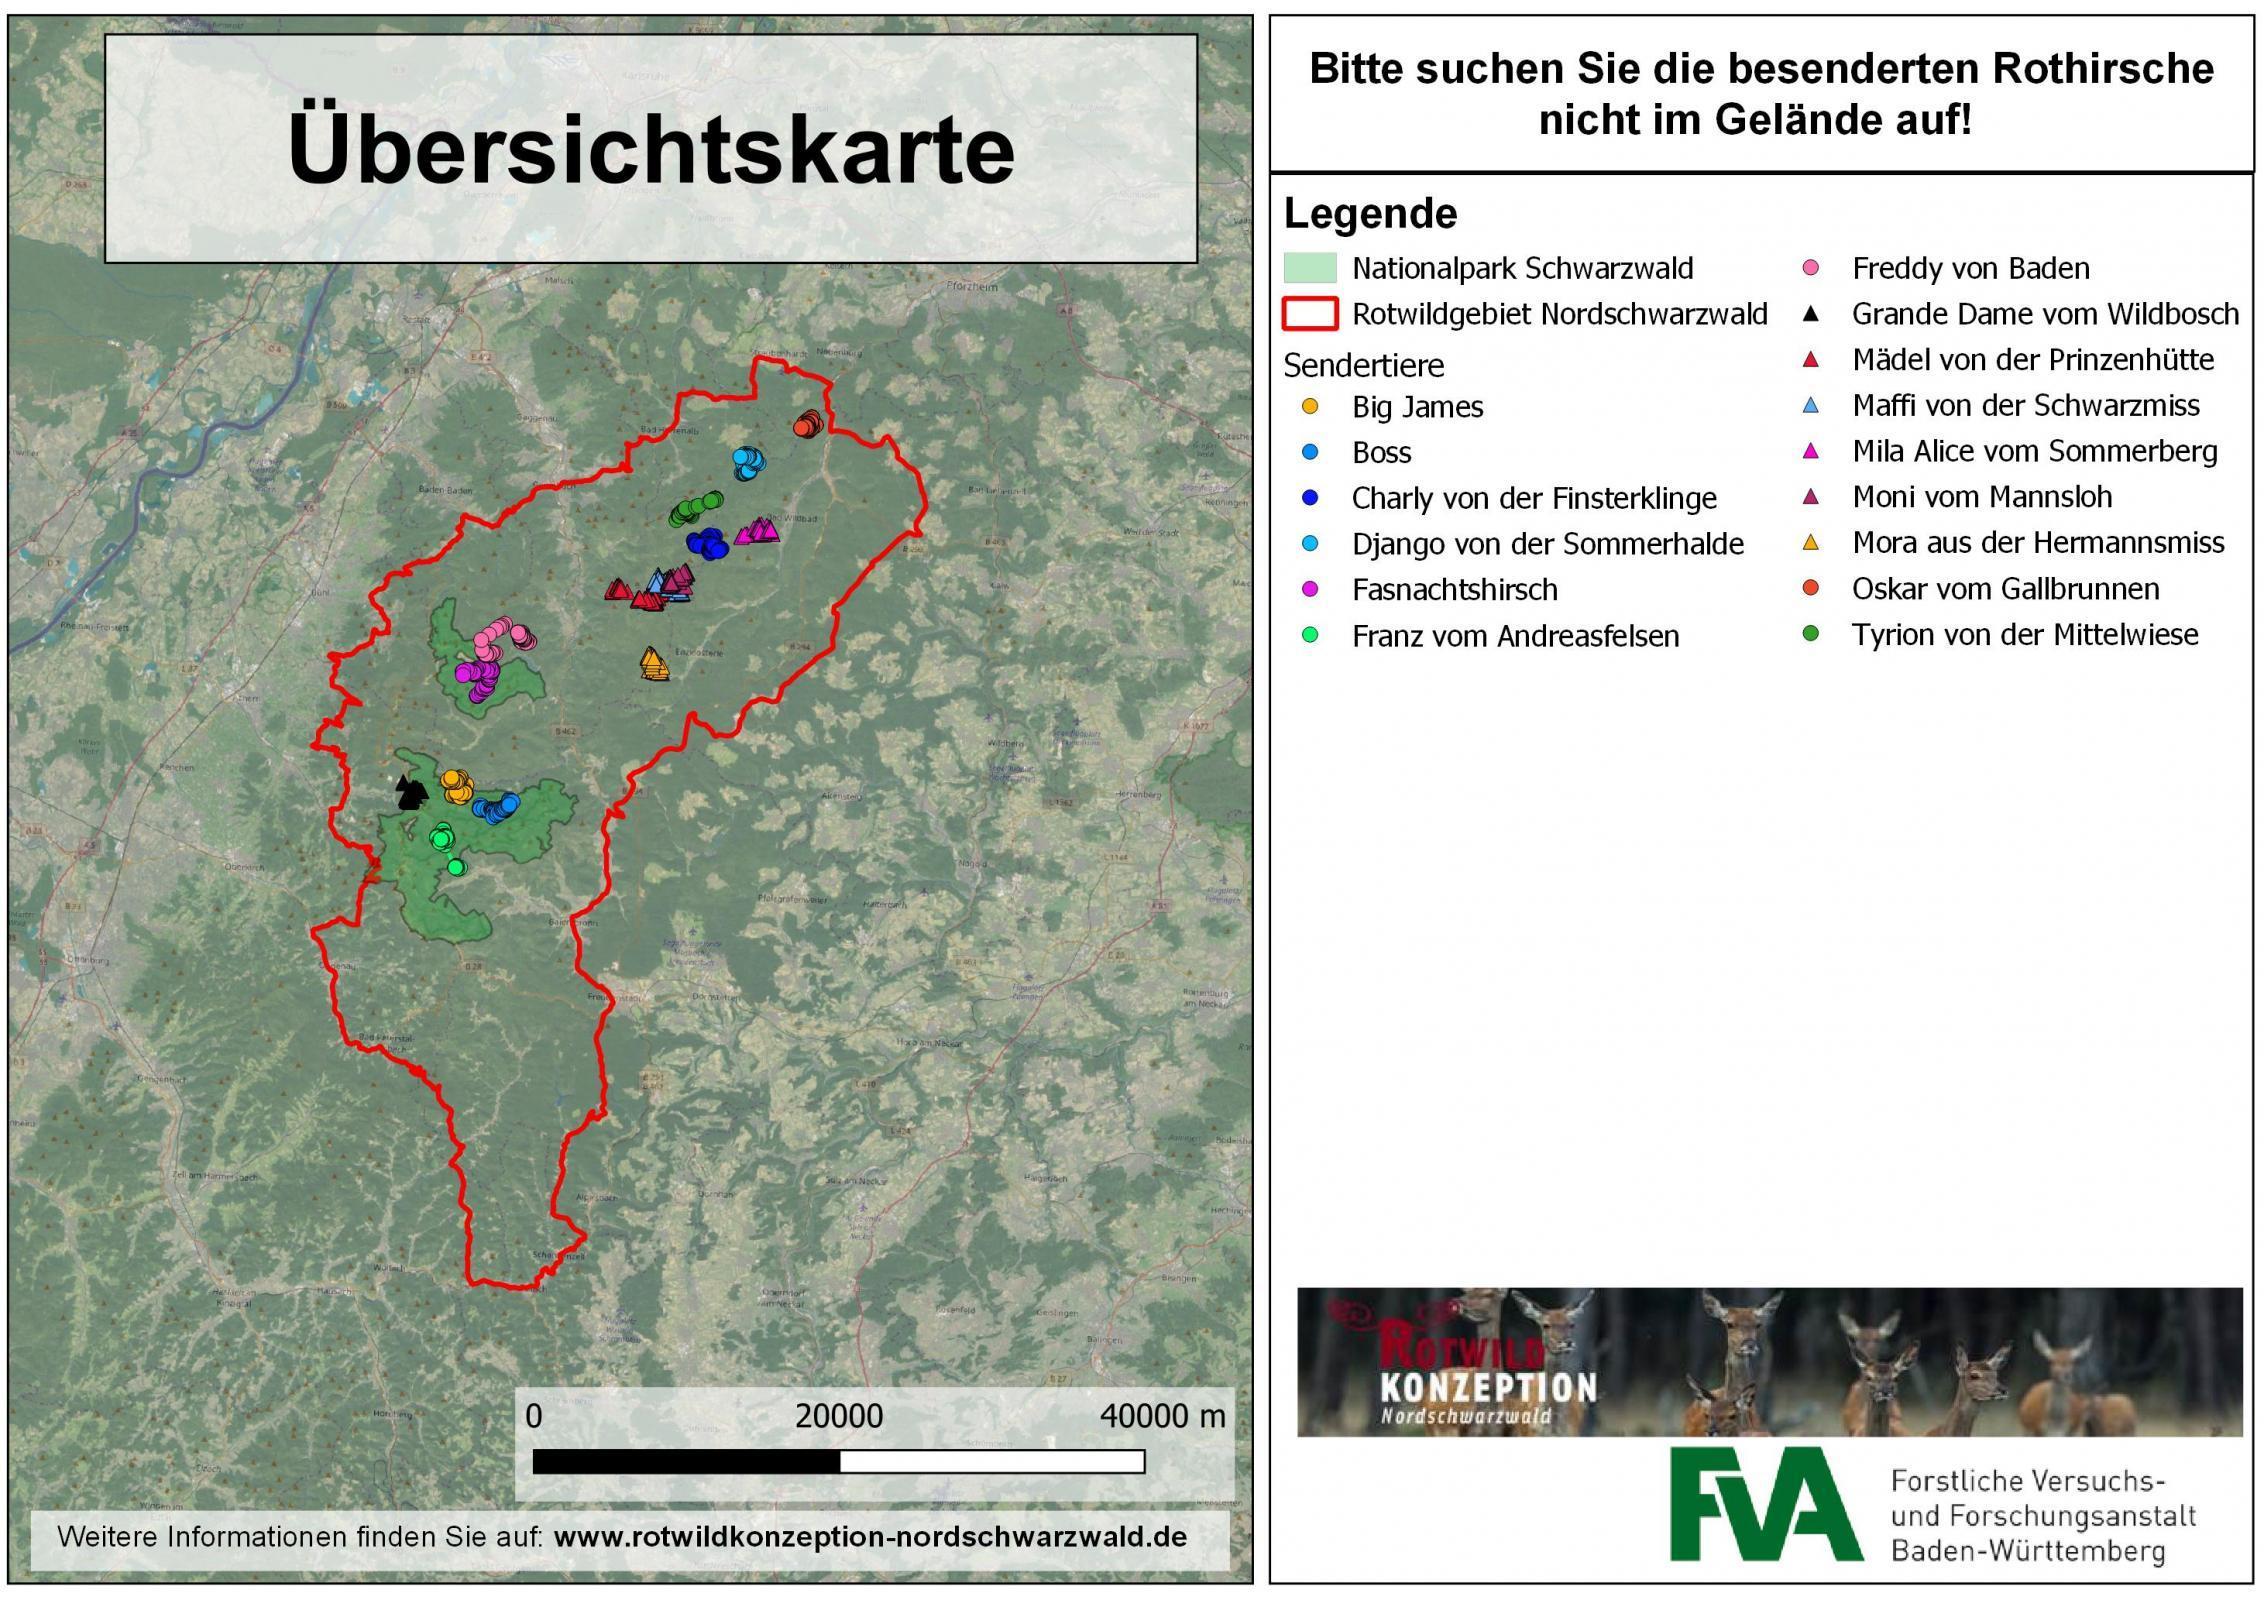 Nordschwarzwald Karte.Karten Sendertiere 2019 Teil 2 Rotwildkonzeption Nordschwarzwald